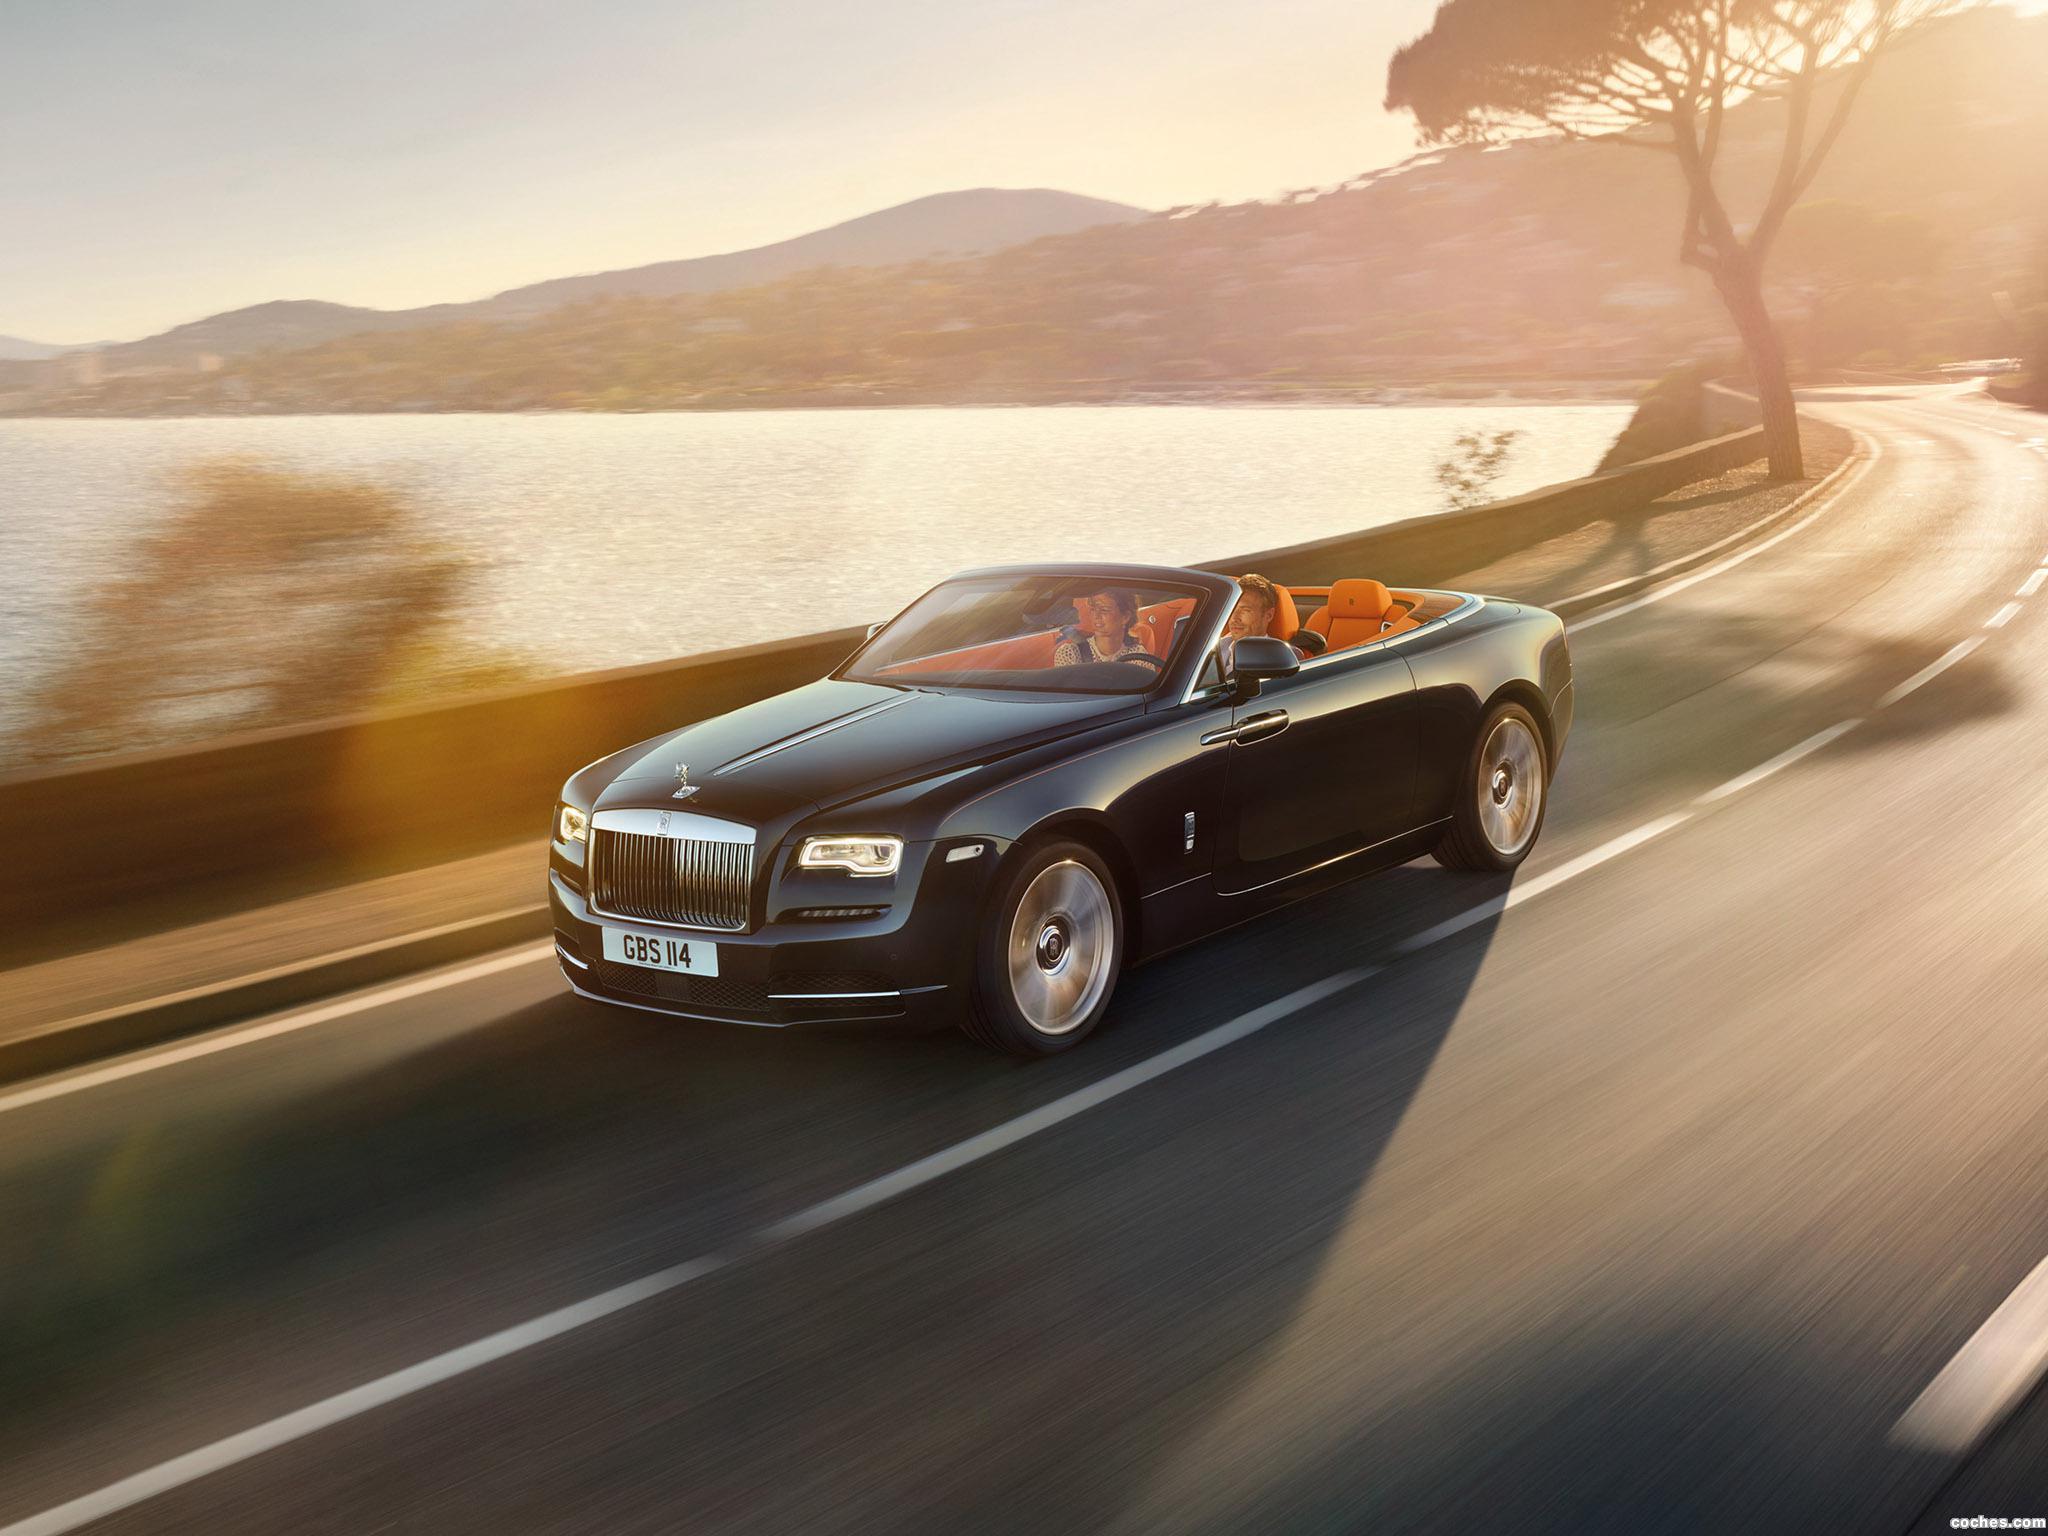 Foto 0 de Rolls Royce Dawn 2016